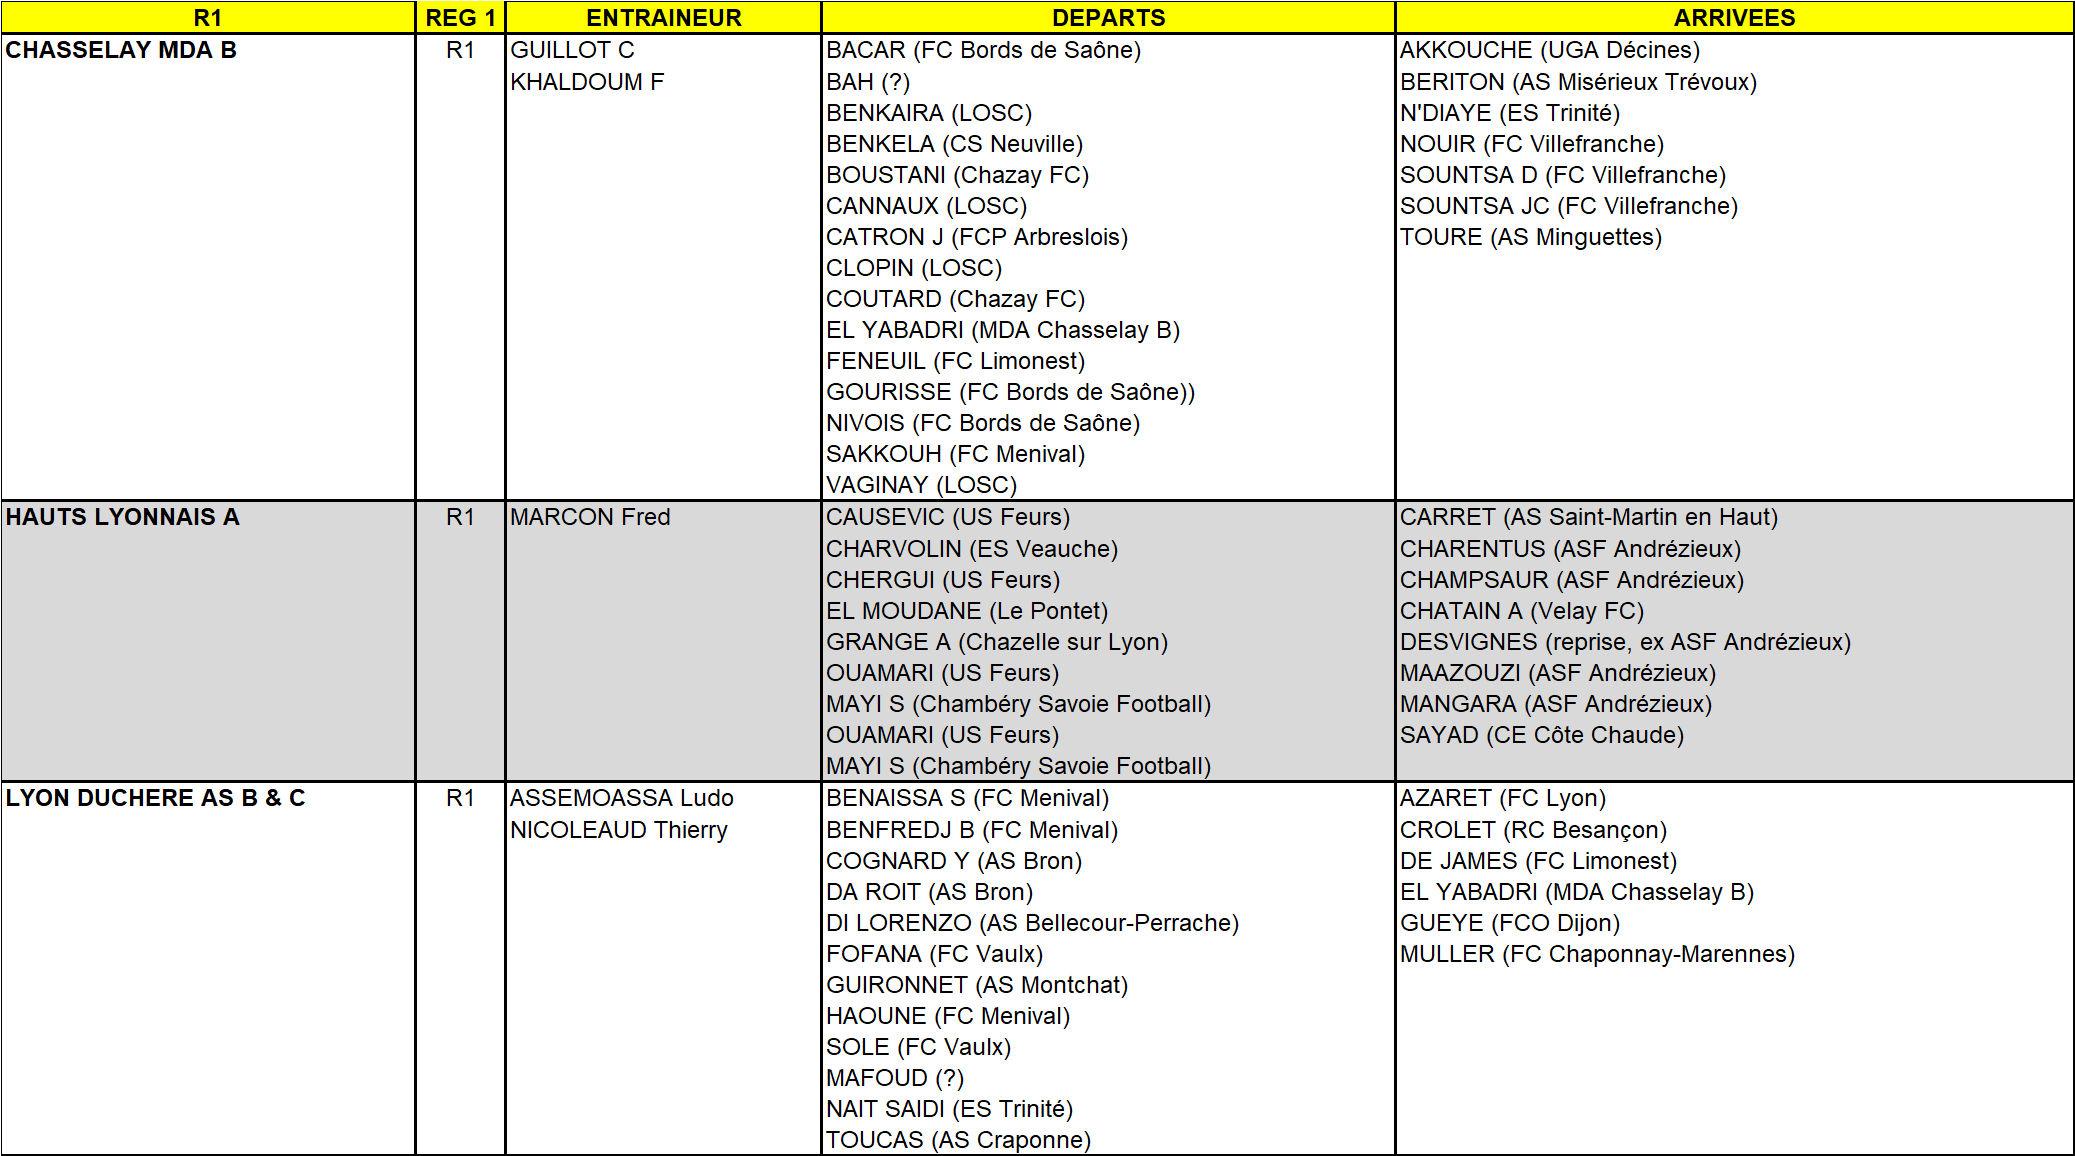 MERCATO - Tous les mouvements de R1 (ex DH) en un seul clic (mise à jour au 4 aôut)